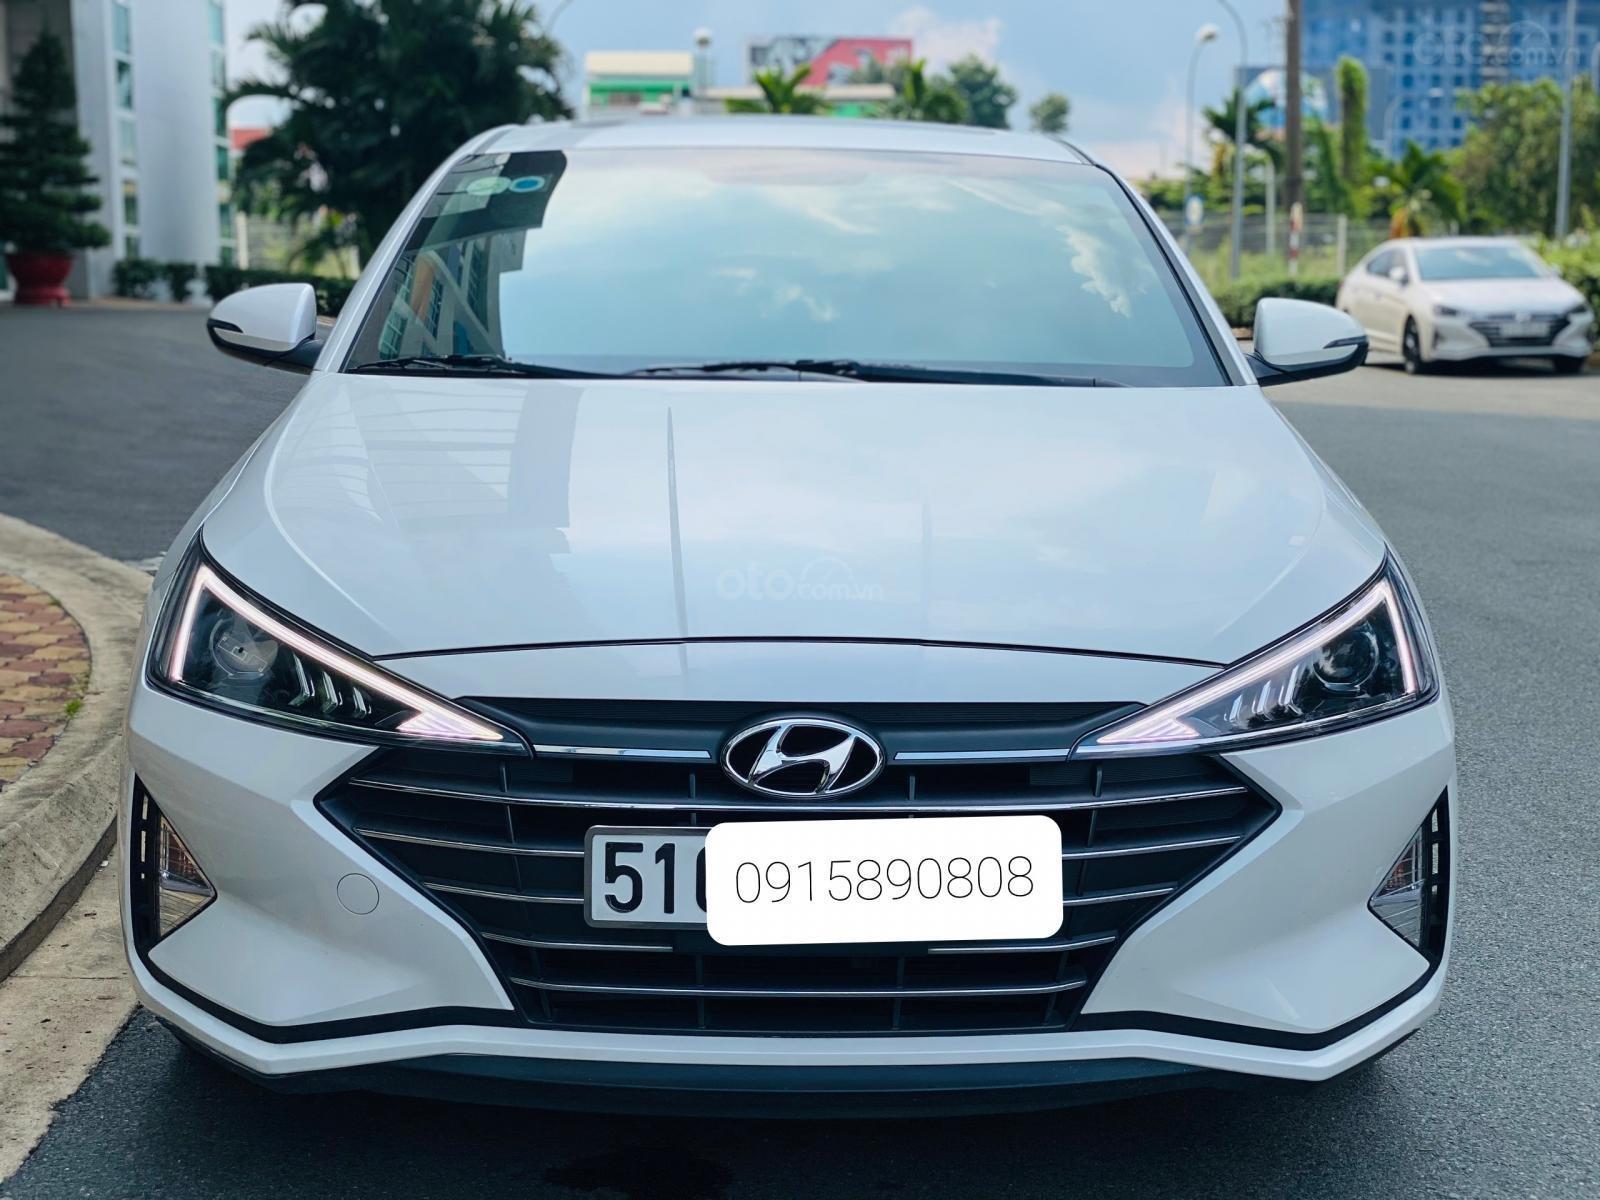 Bán Hyundai Elantra 1.6 AT sản xuất 2019 (1)